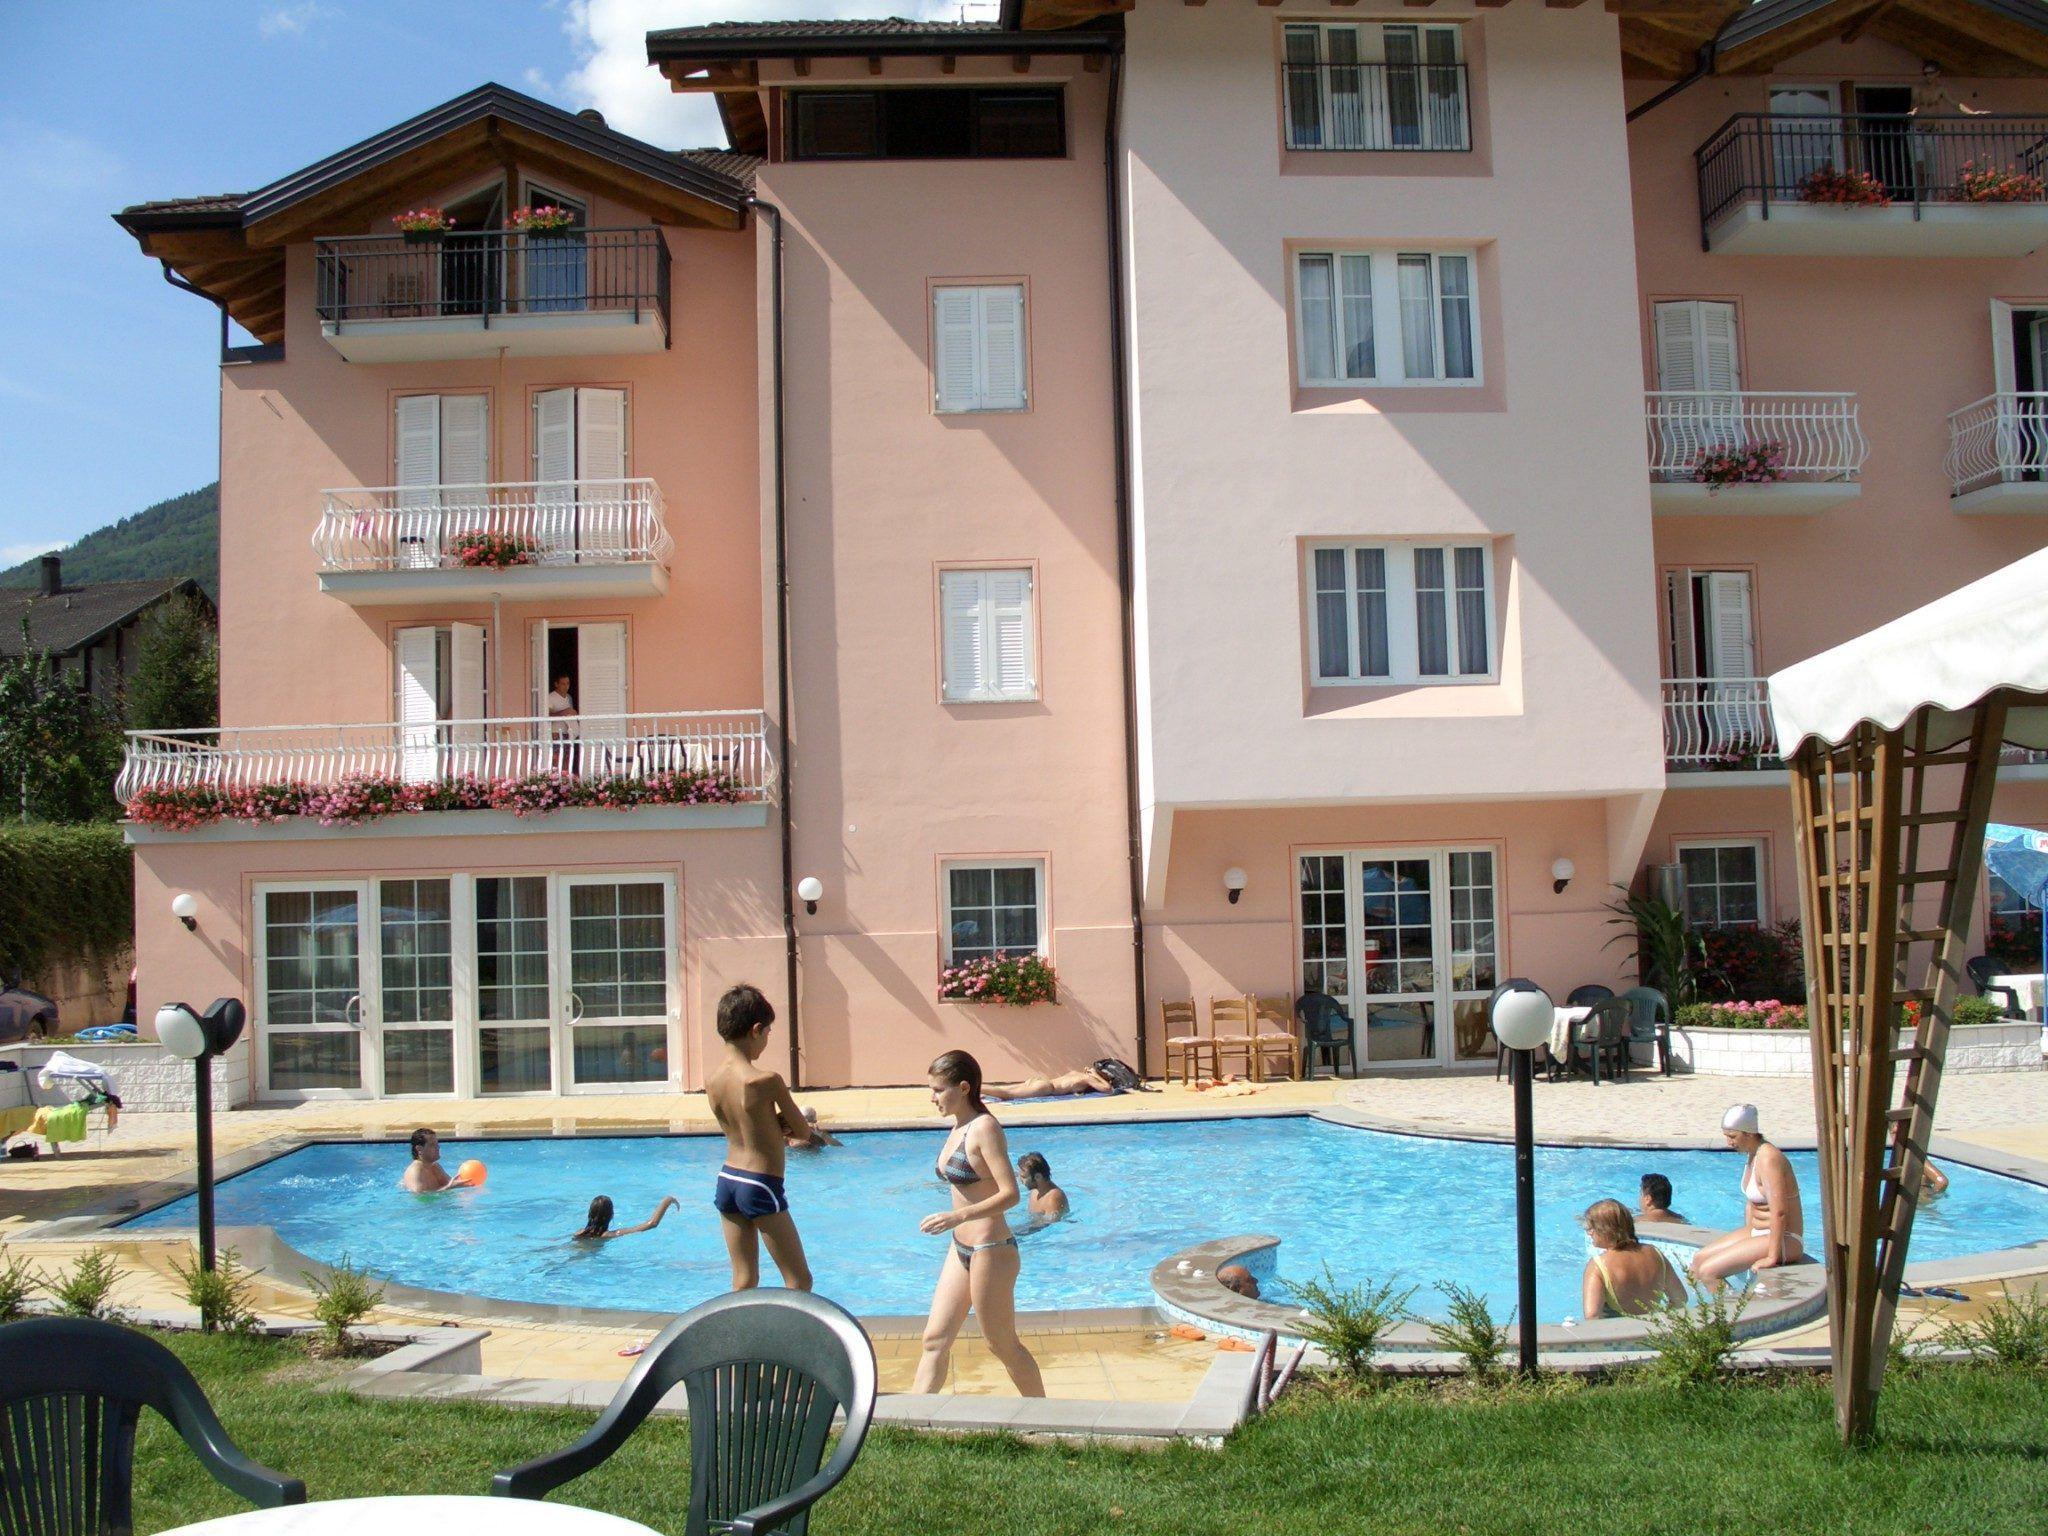 La vacanza ideale per la famiglia in Trentino